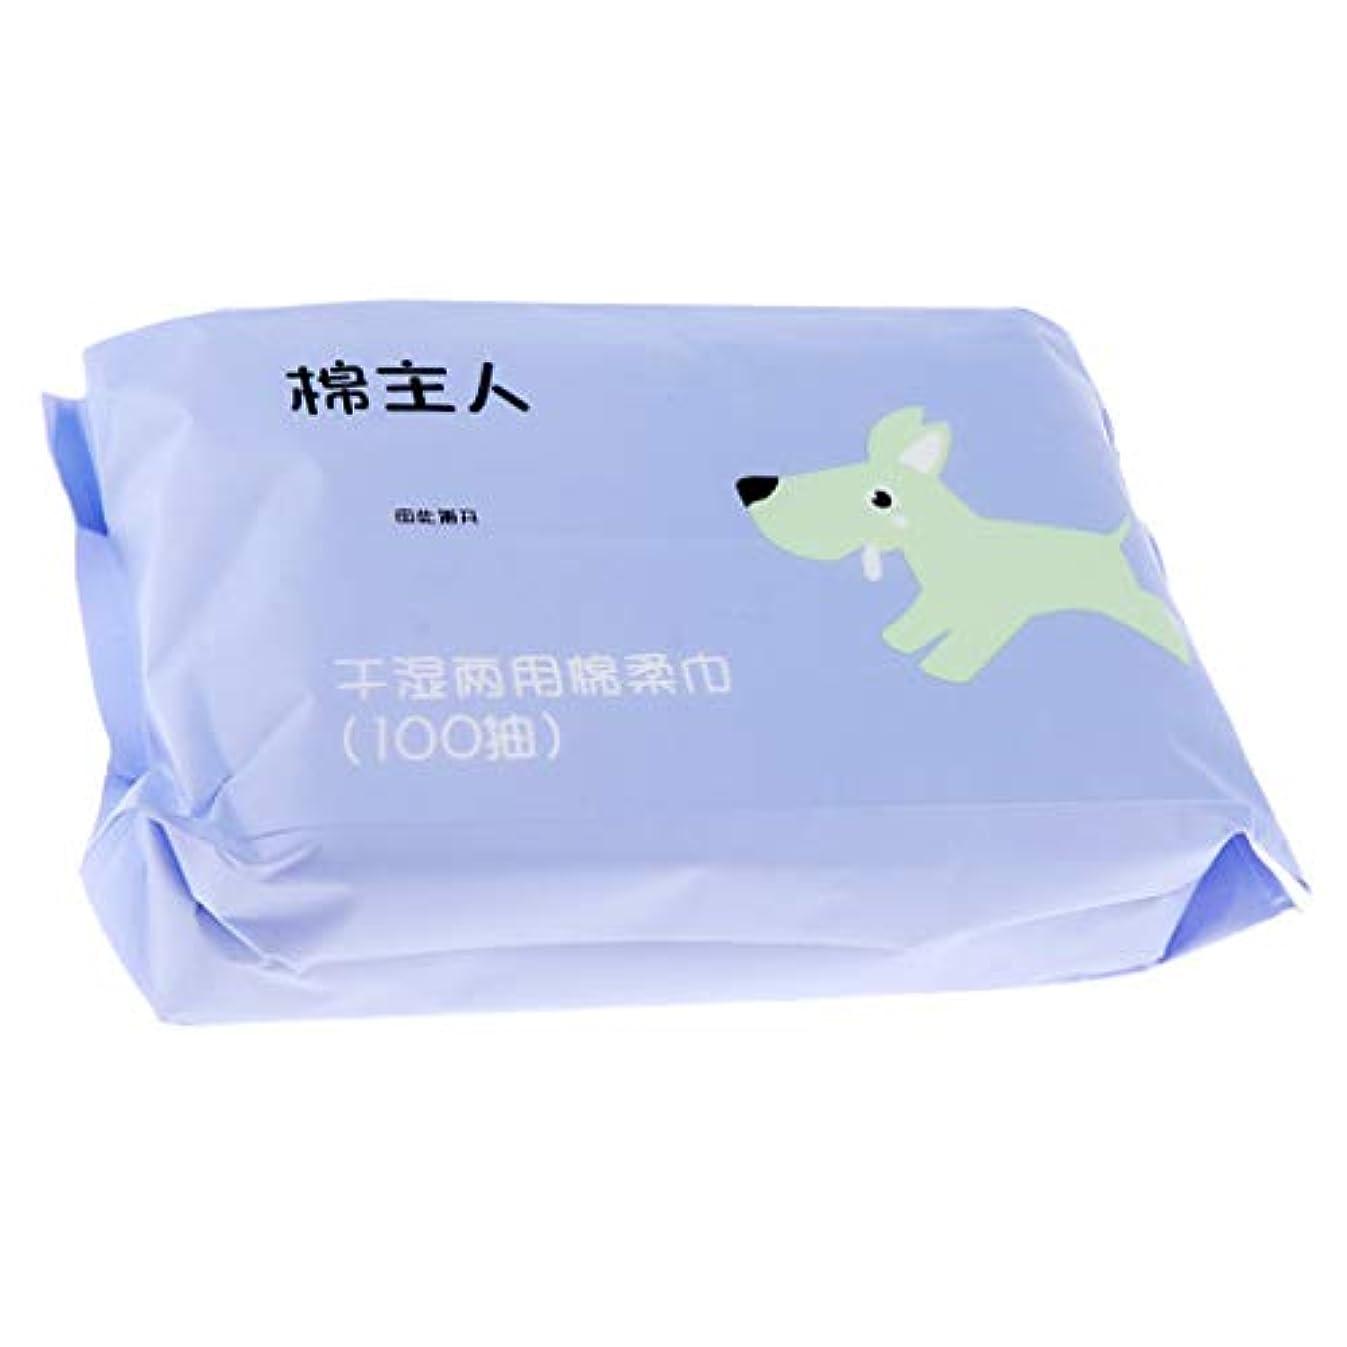 スチュワーデスヒット氷約100枚 クレンジングシート フェイス クリーニング タオル メイク落とし 清潔 衛生 非刺激 - 青紫